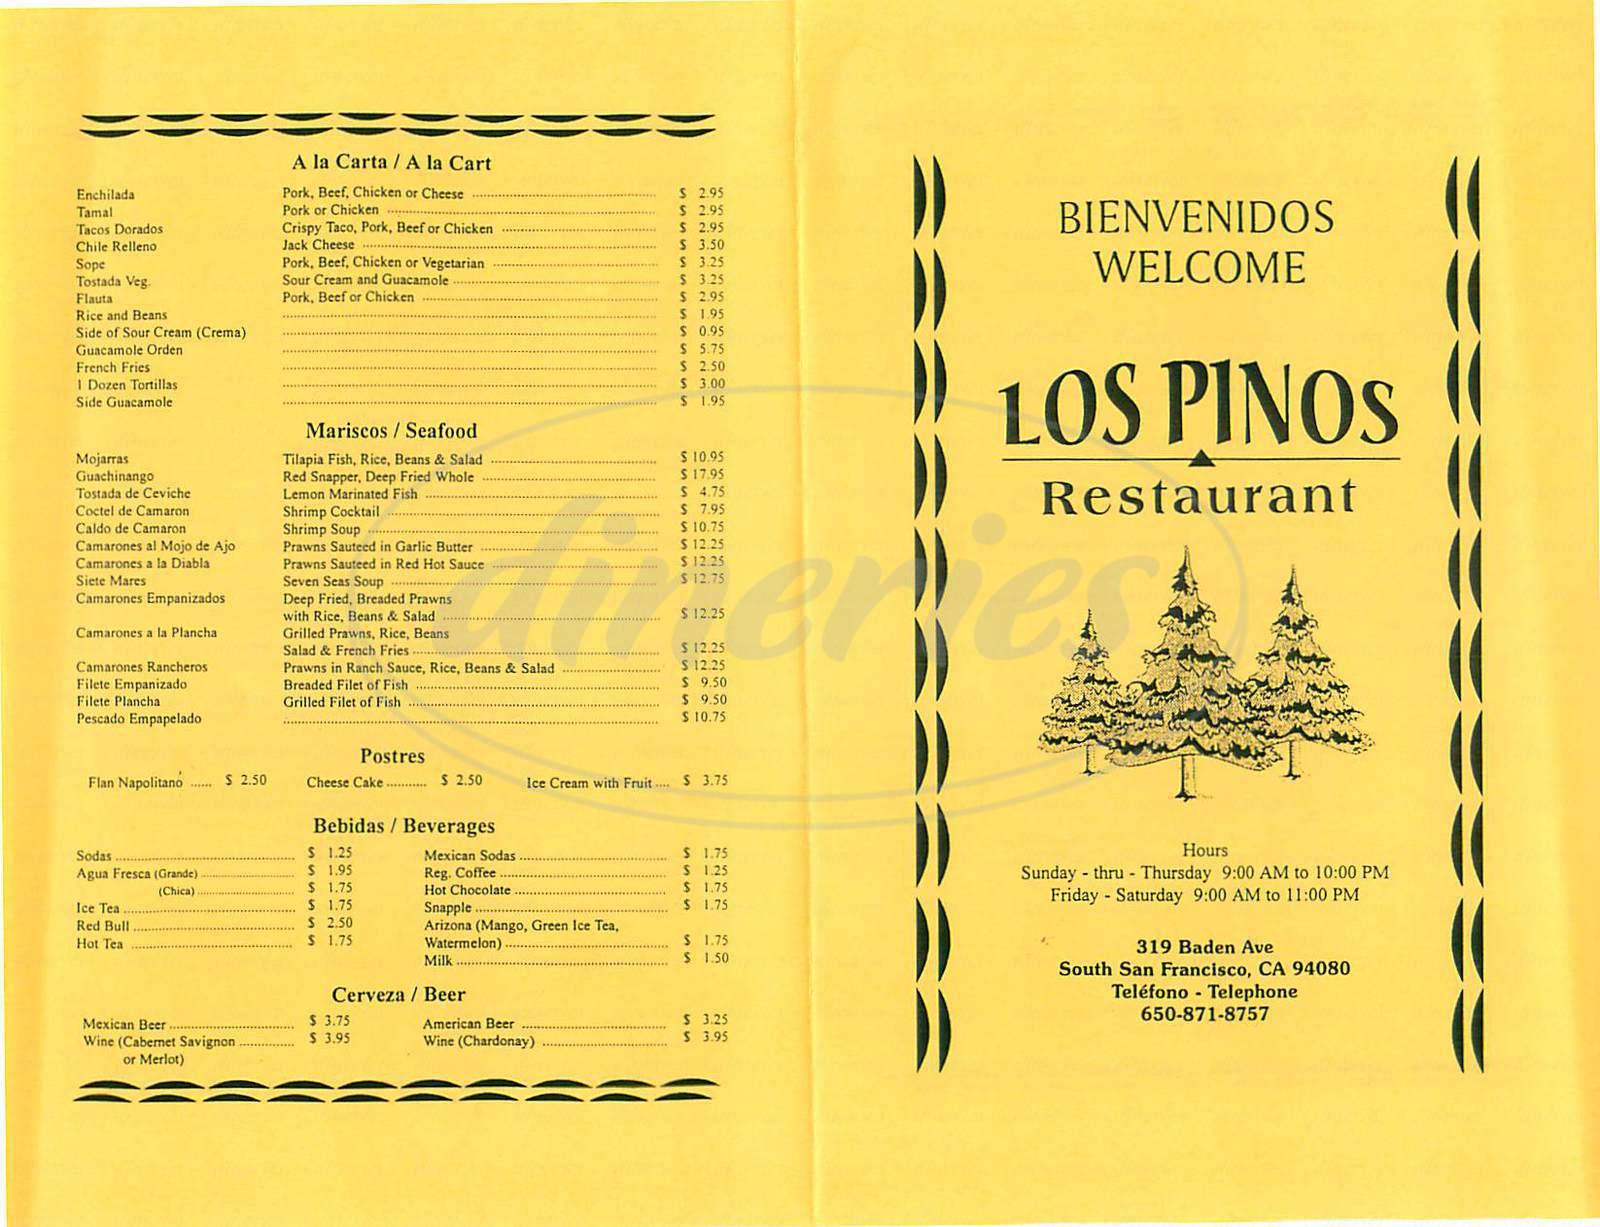 menu for Los Pinos